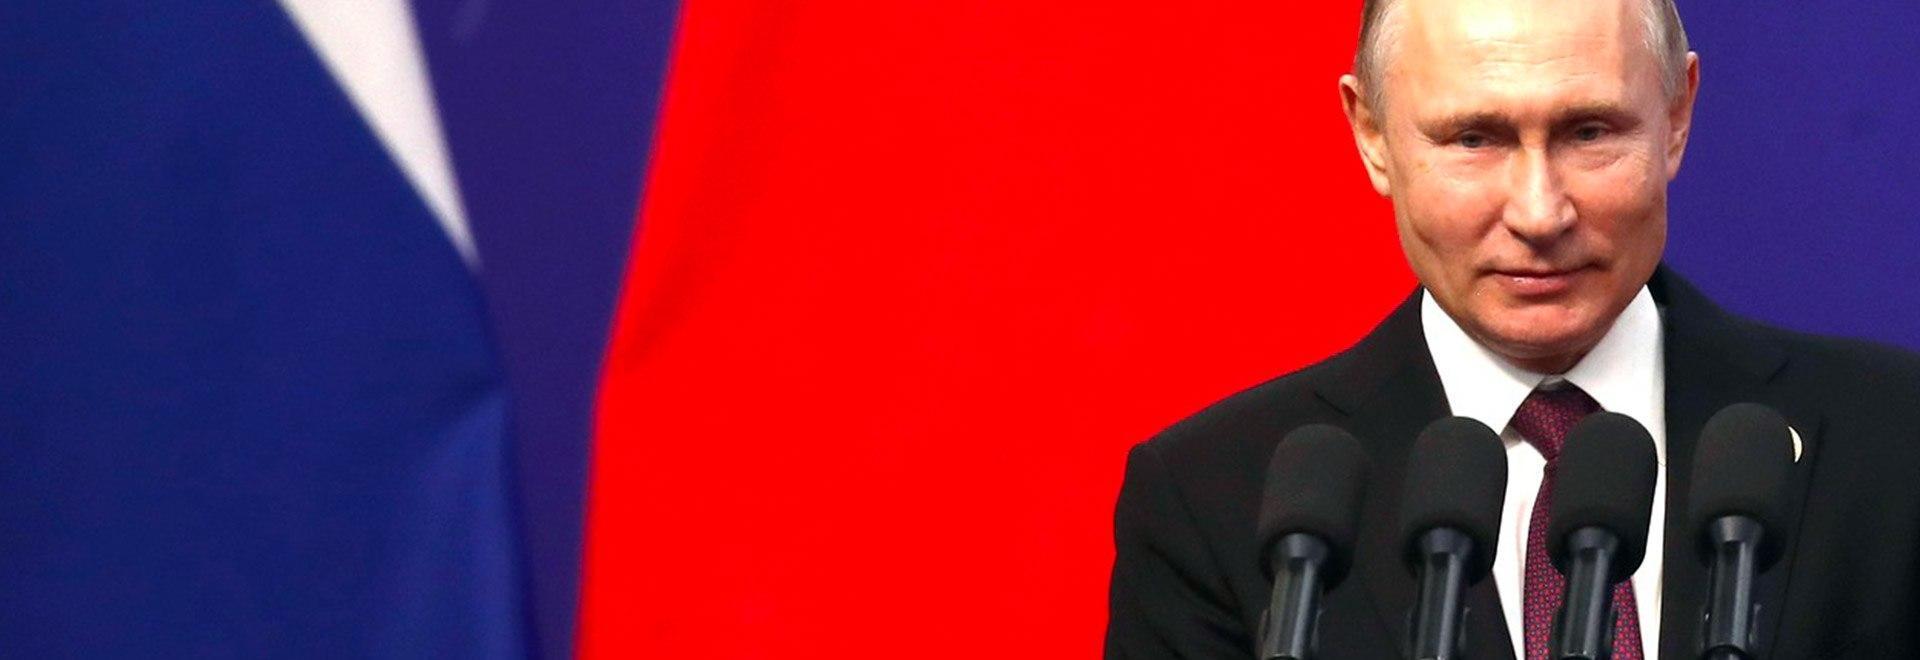 La mafia di Putin